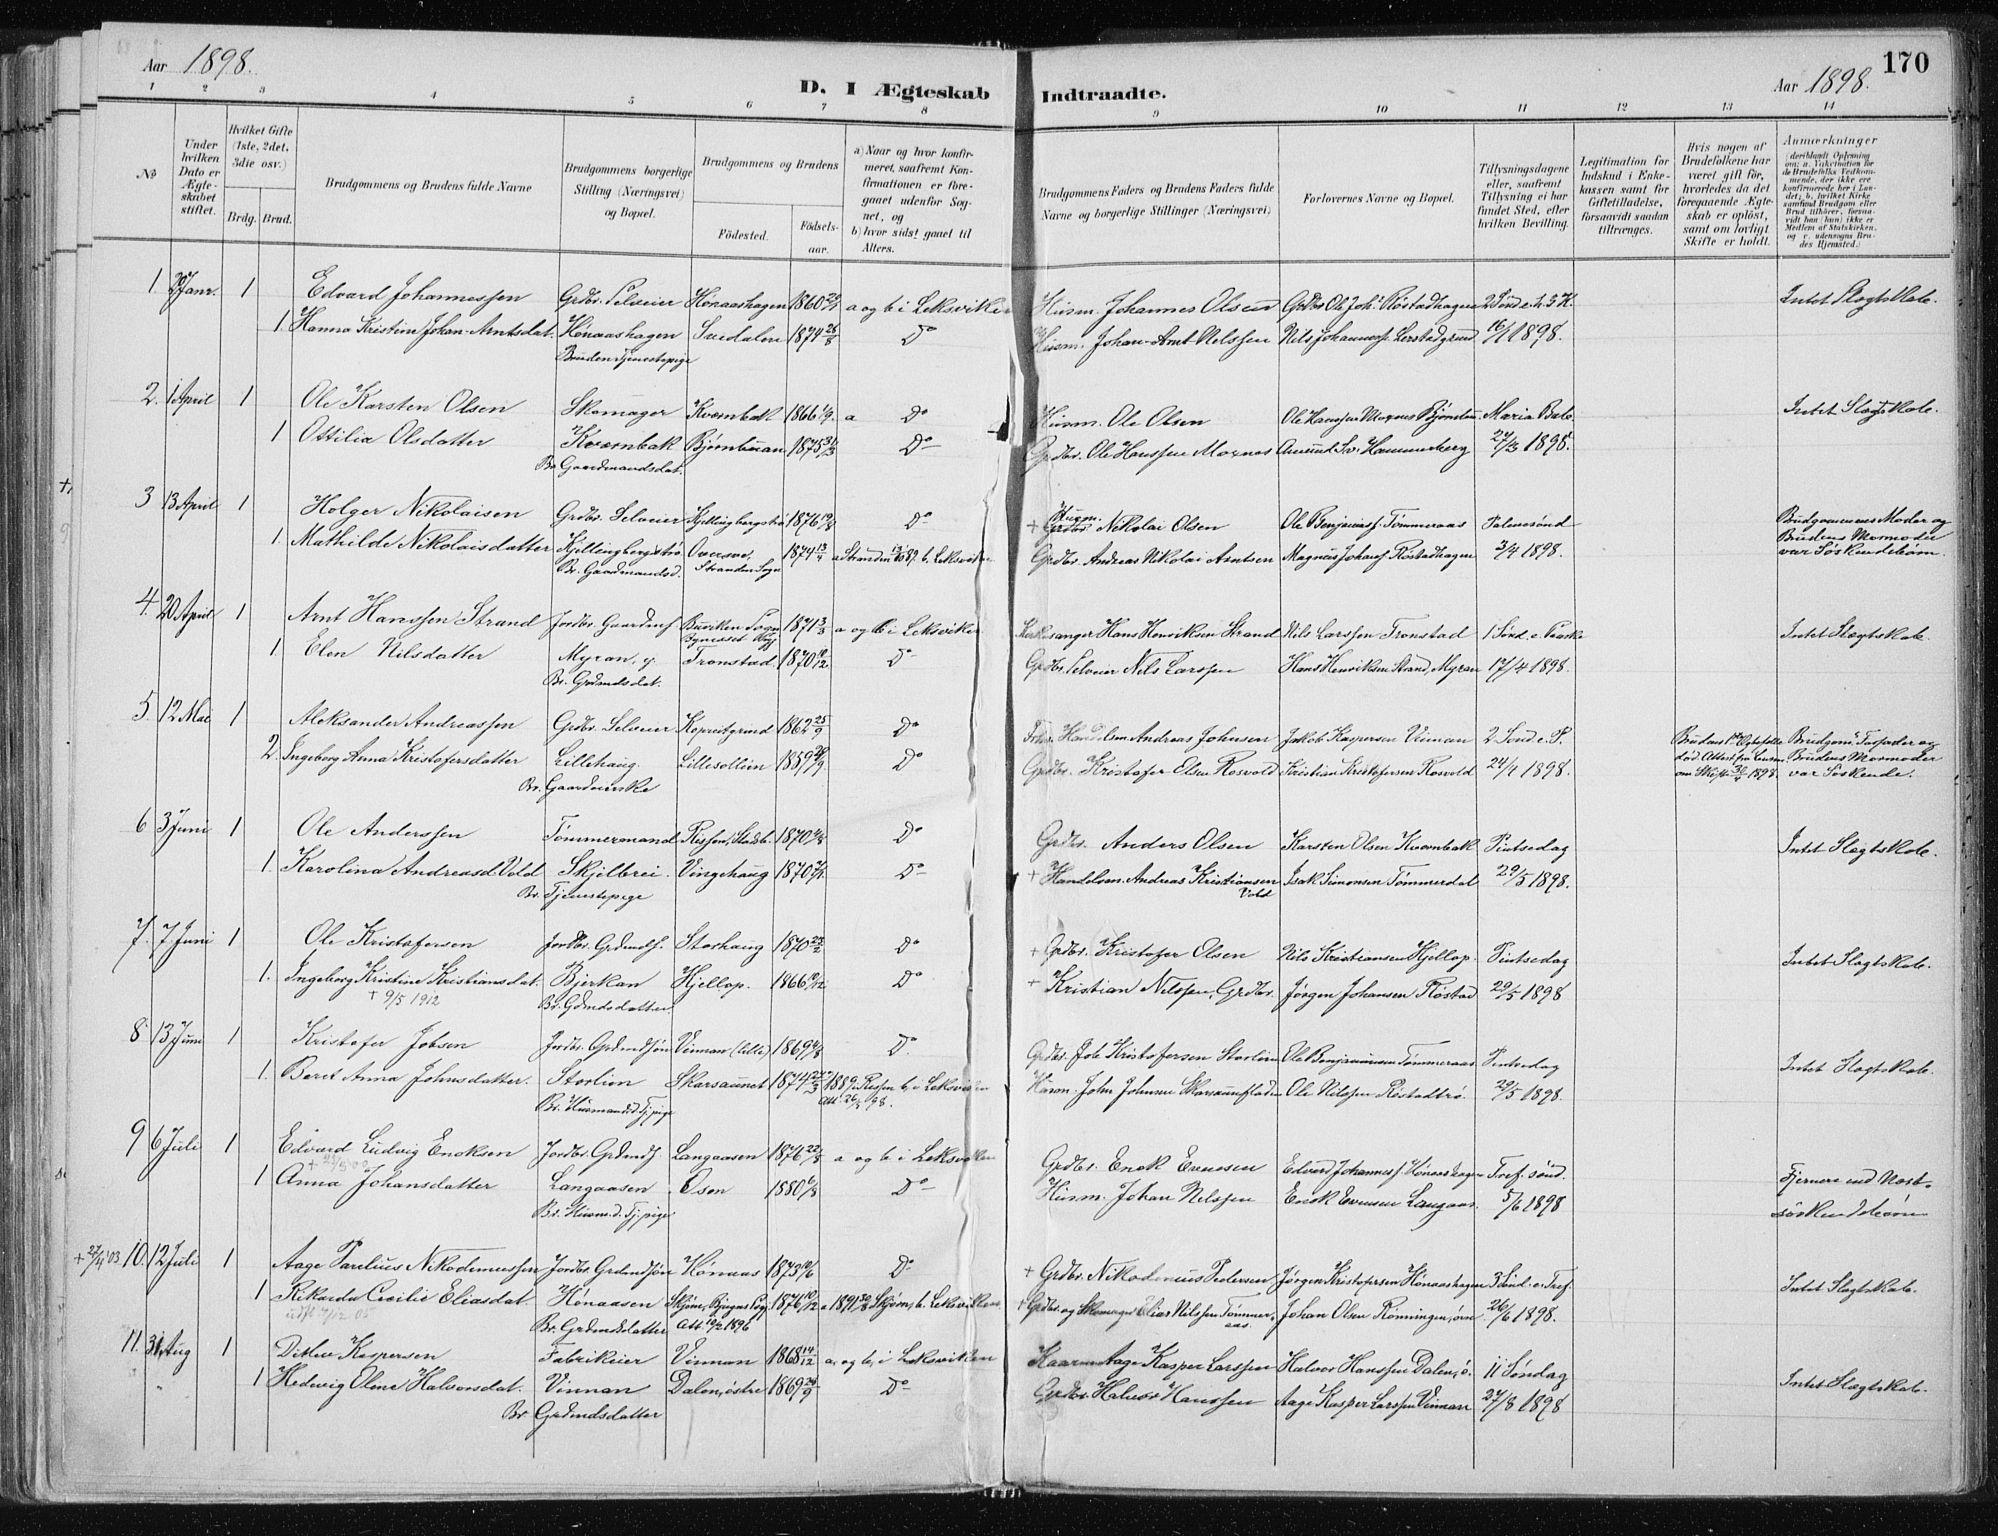 SAT, Ministerialprotokoller, klokkerbøker og fødselsregistre - Nord-Trøndelag, 701/L0010: Ministerialbok nr. 701A10, 1883-1899, s. 170